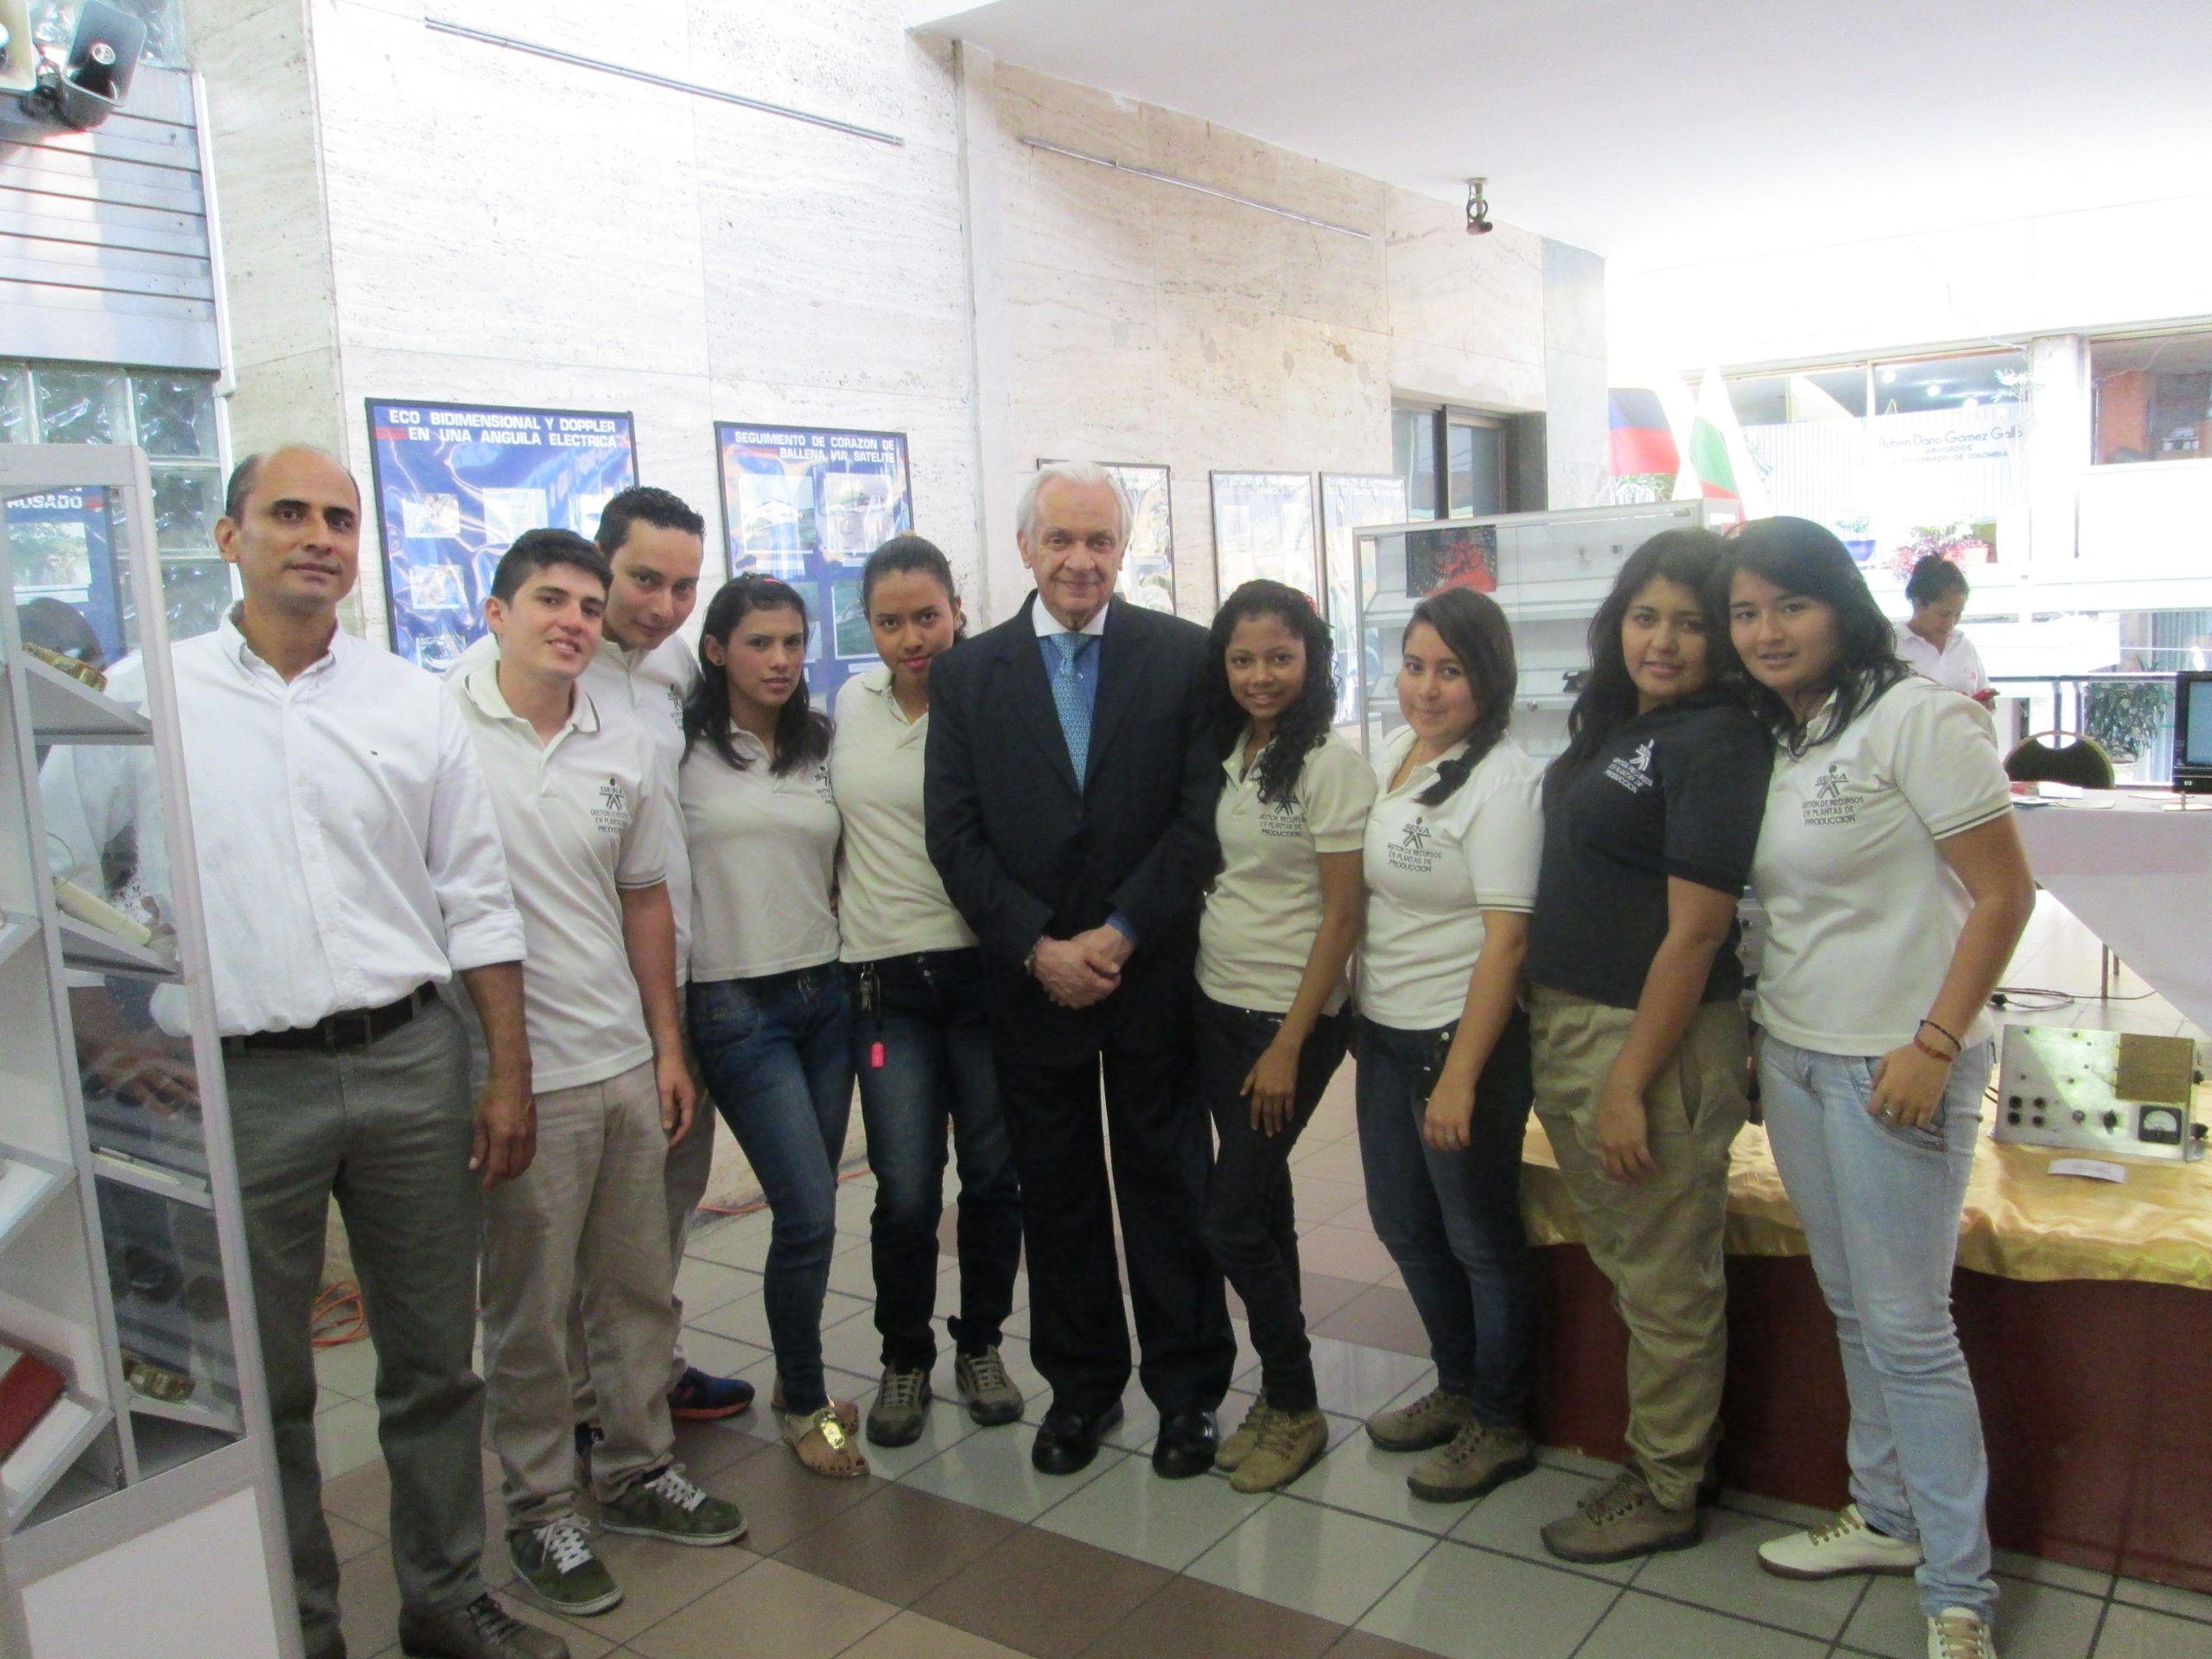 Corcultura organizó la Exposición del Museo del Marcapasos en Ibagué, conmemorando los 55 años de su creación